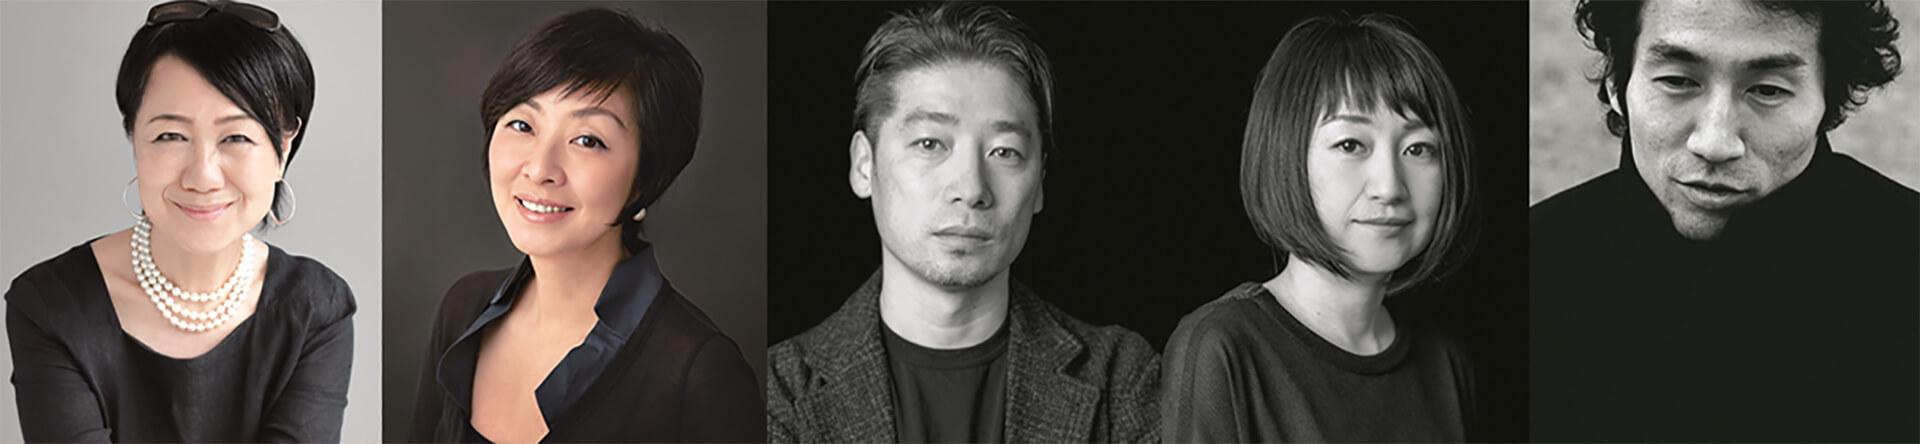 雑誌『モダンリビング』No251発売記念 オンライントークイベント参加者